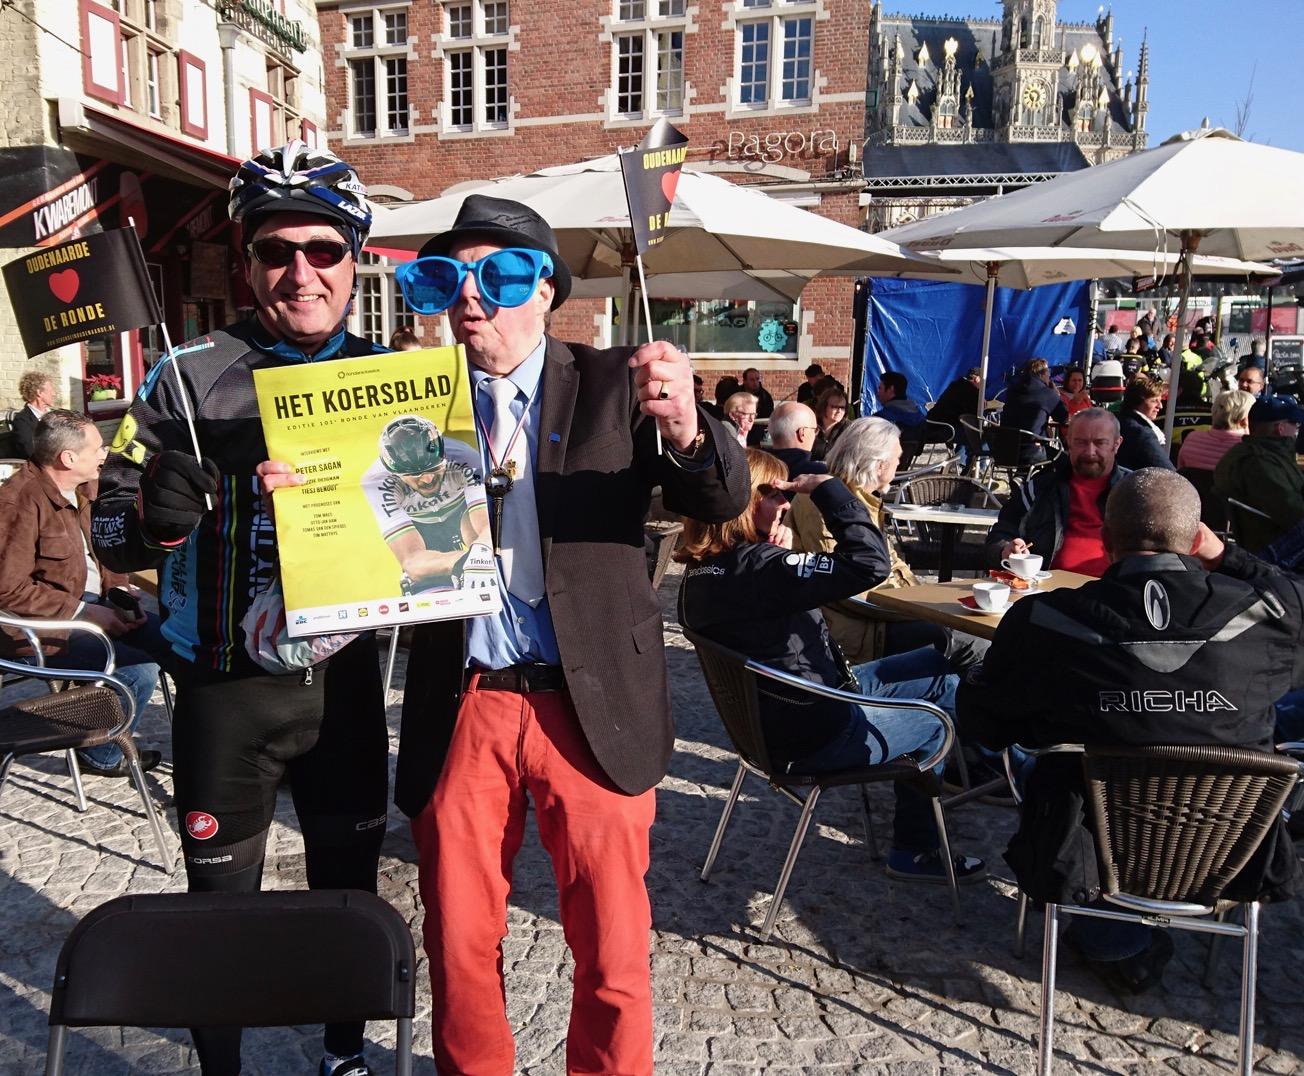 Ronde Van Vlaanderen 17 - the Oudenaarde start of the Womens race had some interesting characters